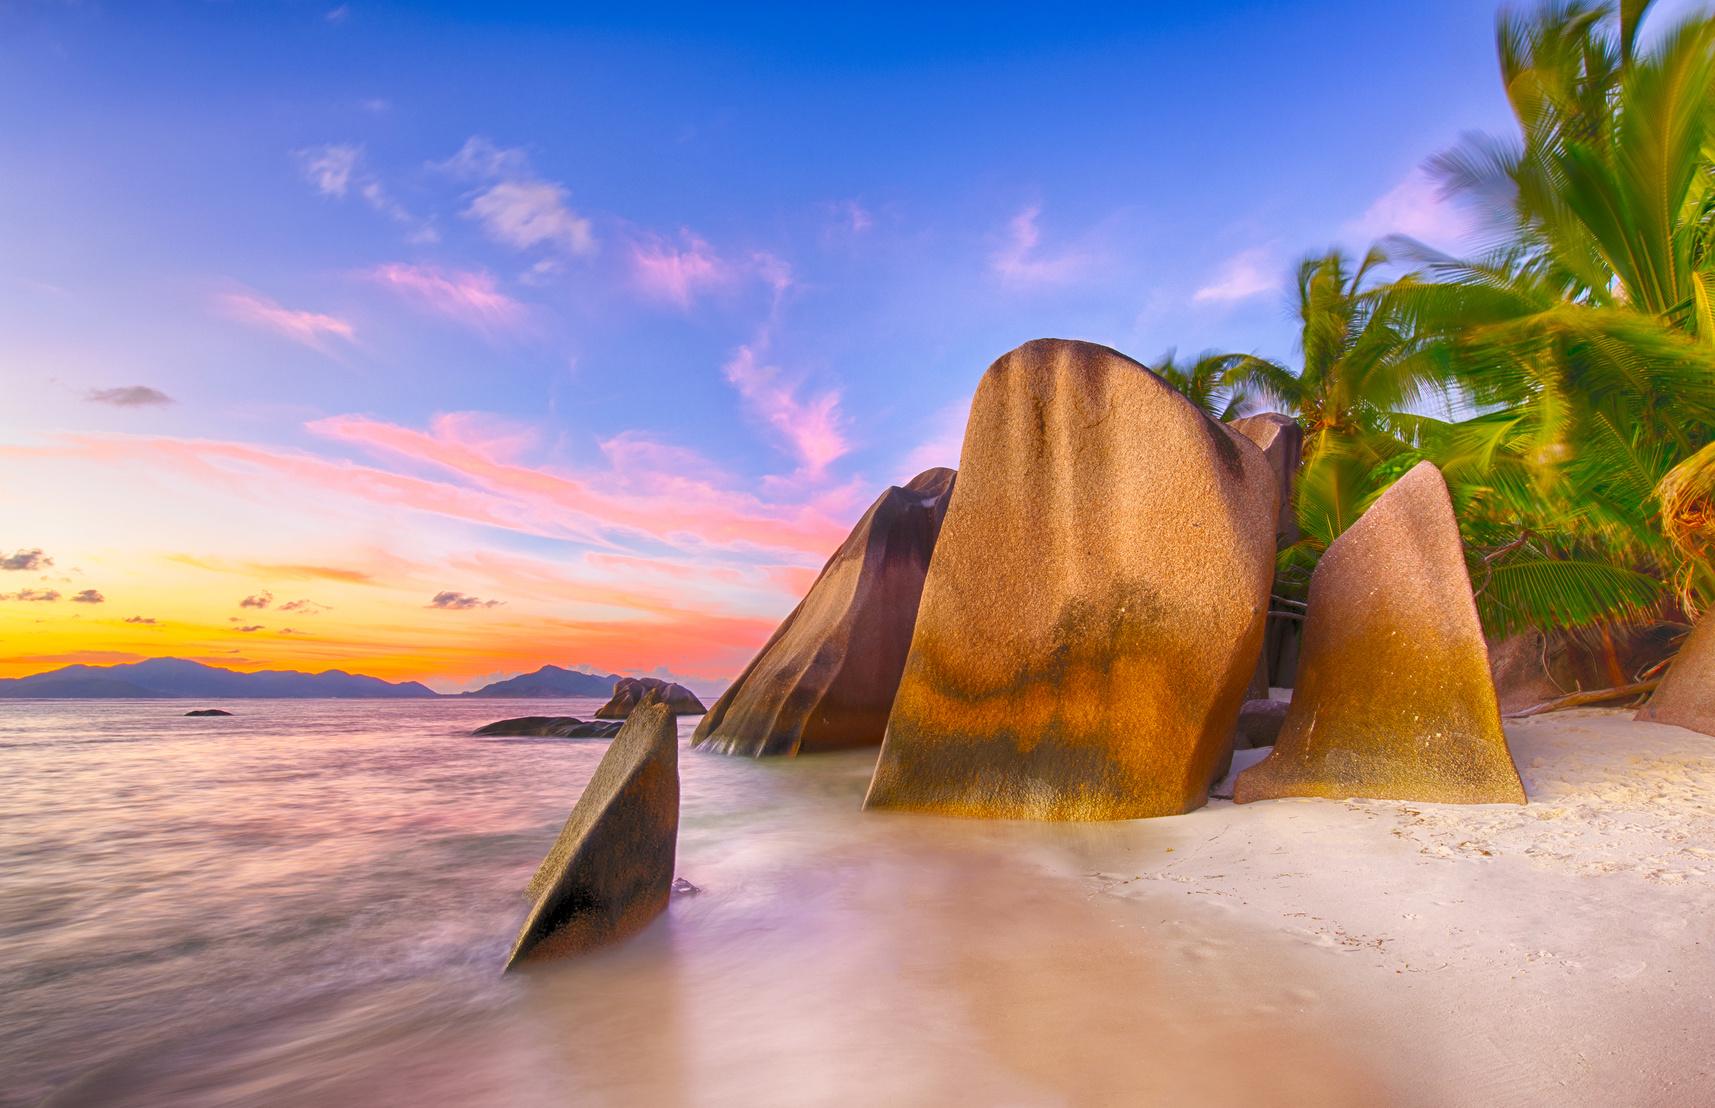 Legszebb partok 2019 - Anse Source d'Argent, Seychelles